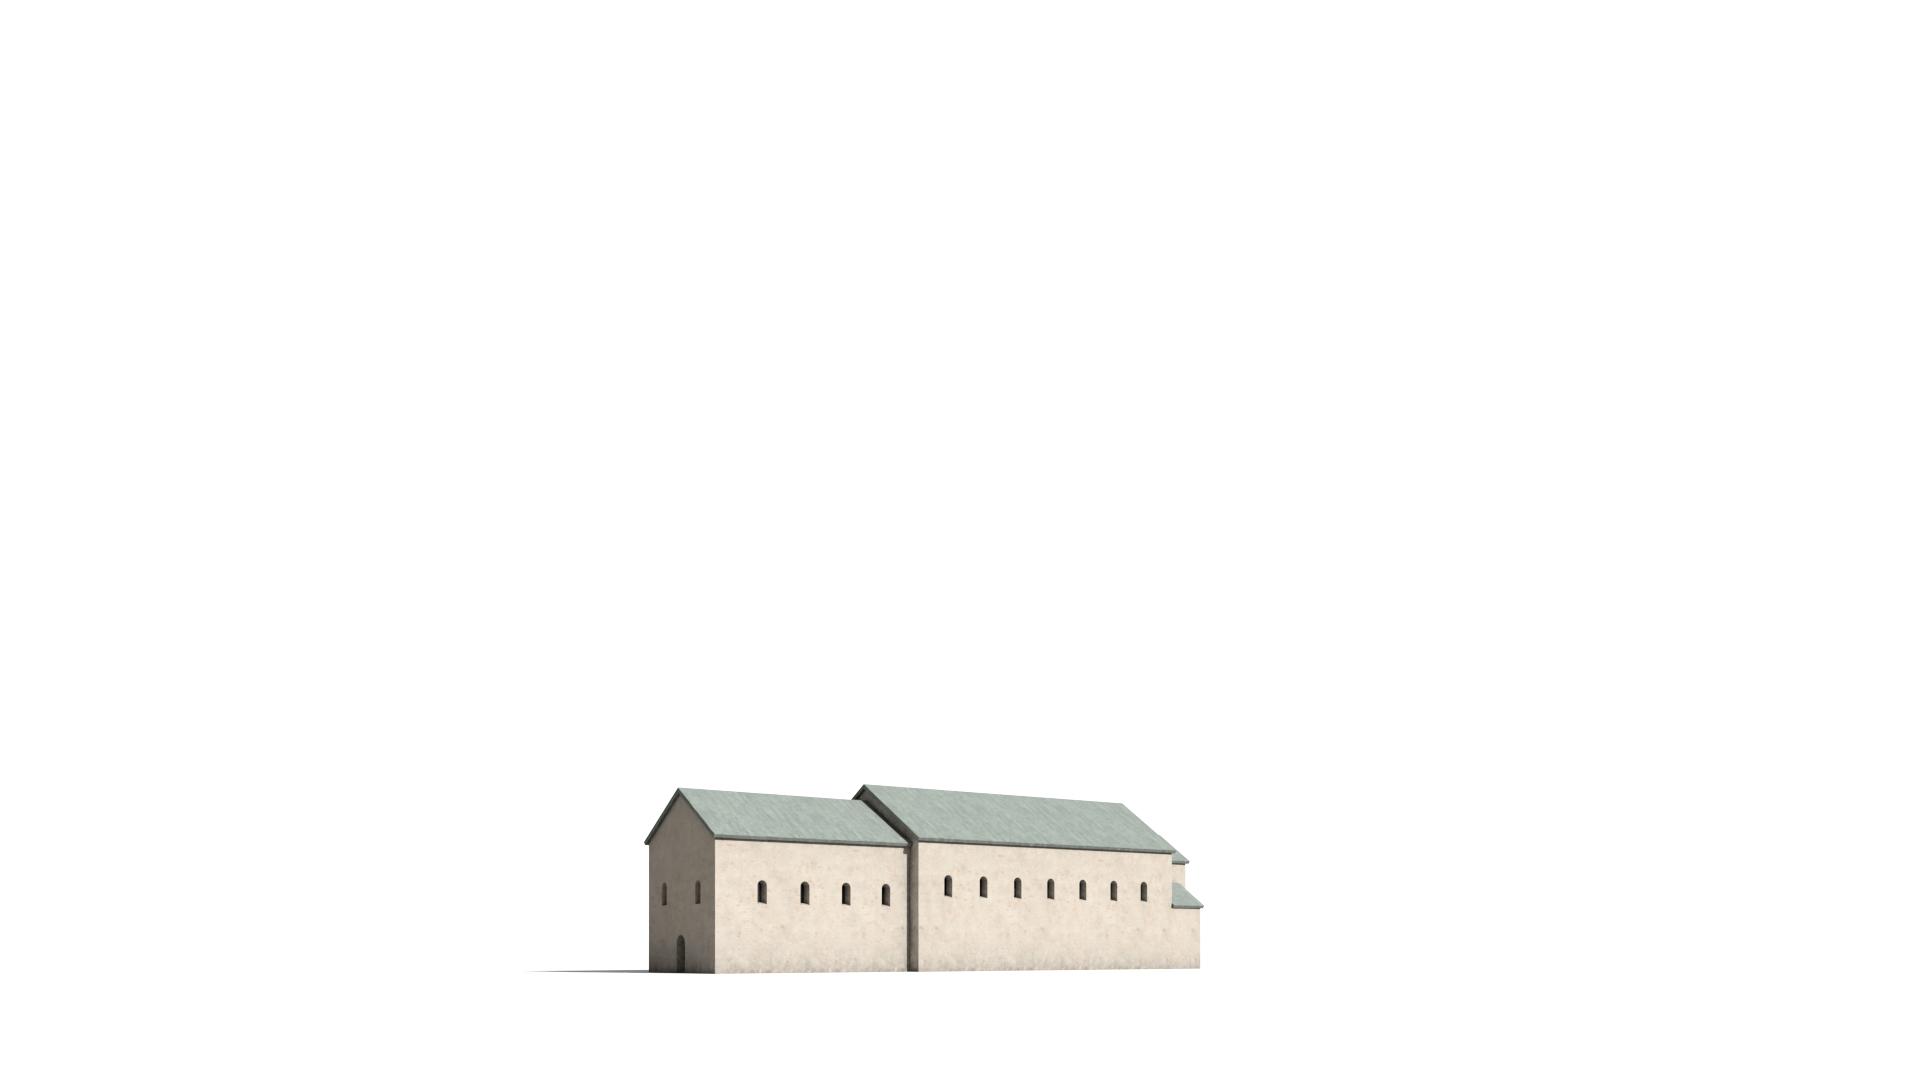 Virtuelle Rekonstruktion der Vorgängerbauten des Paderborner Doms, die Salvatorkirche von 777, Blick von Südwesten